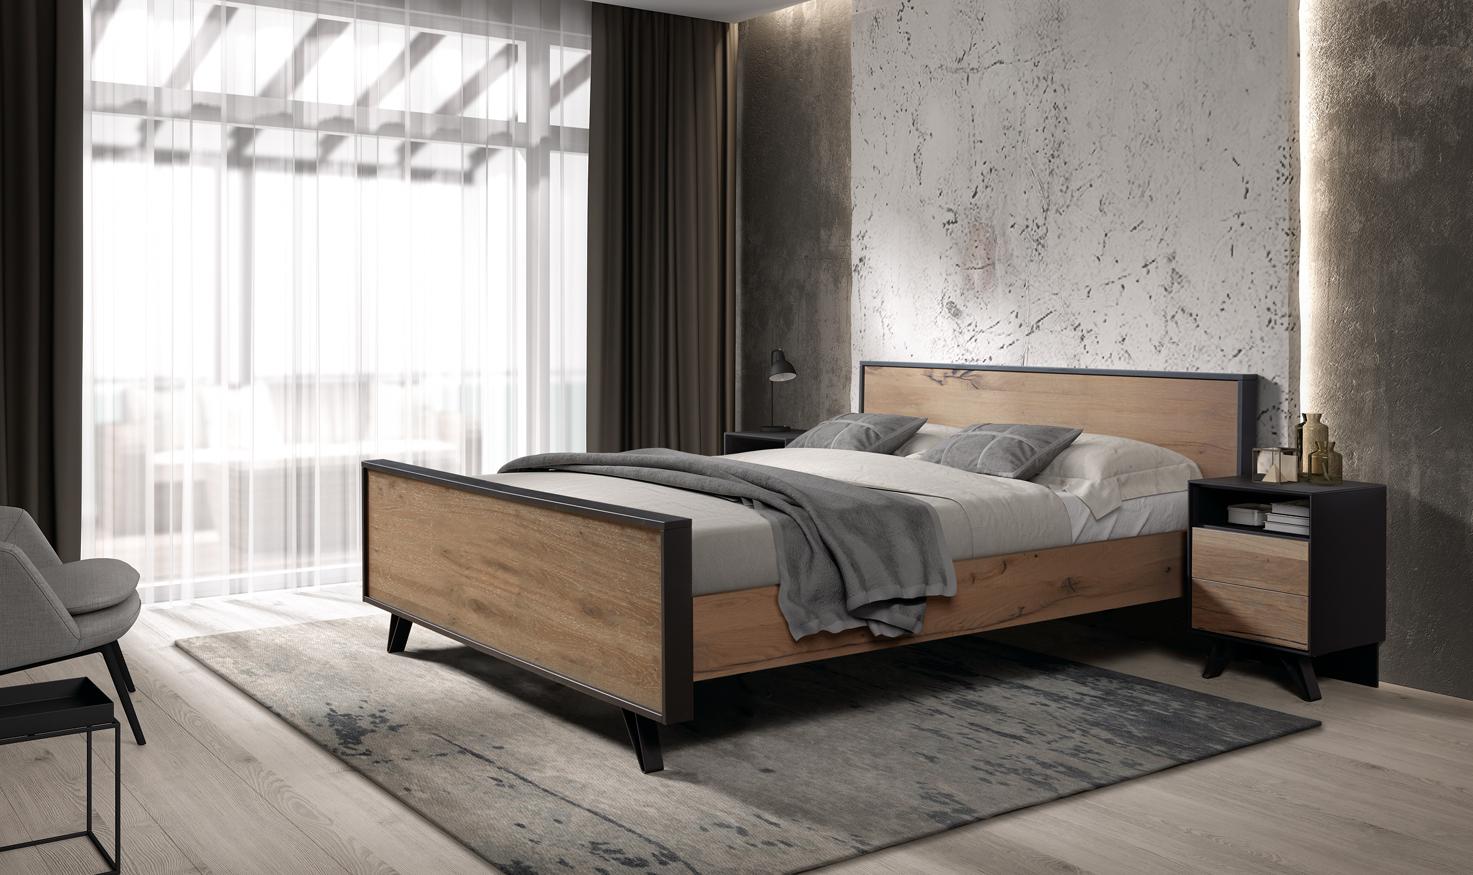 Slaapkamer Kastjes Modellen : Zondag slaapkamer sita vast collectie kasten tafels bedden